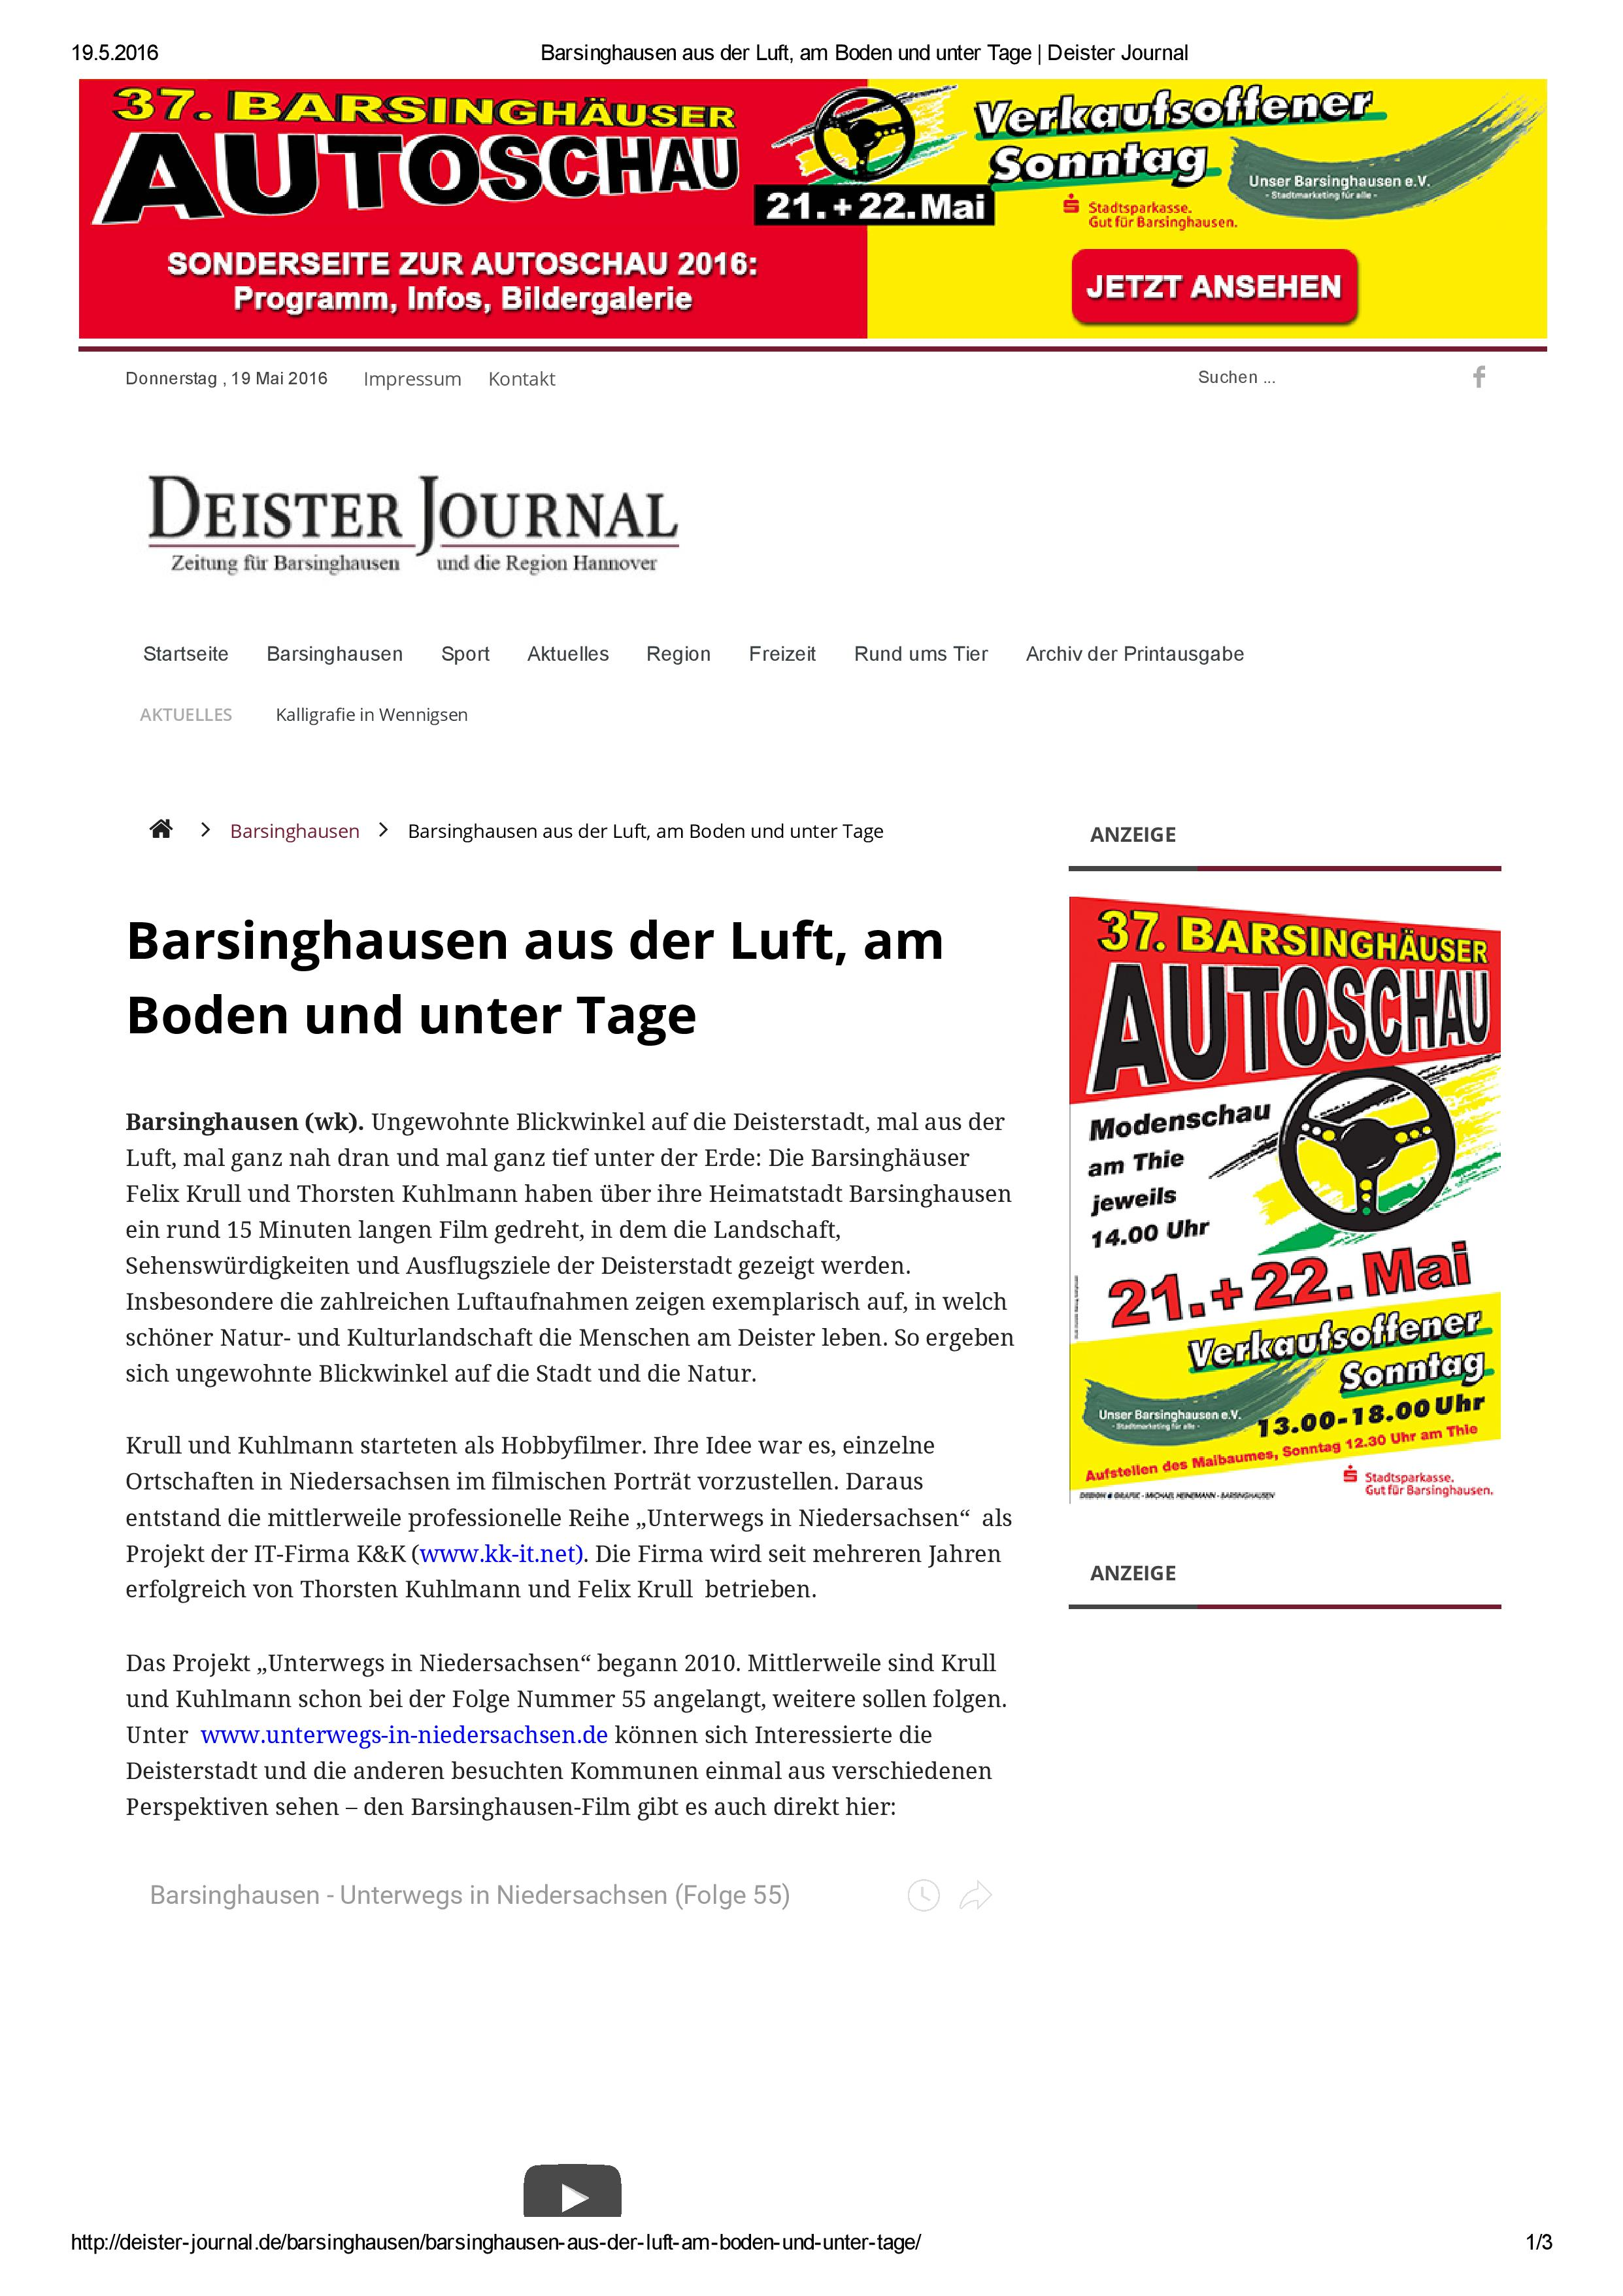 Barsinghausen aus der Luft, am Boden und unter Tage